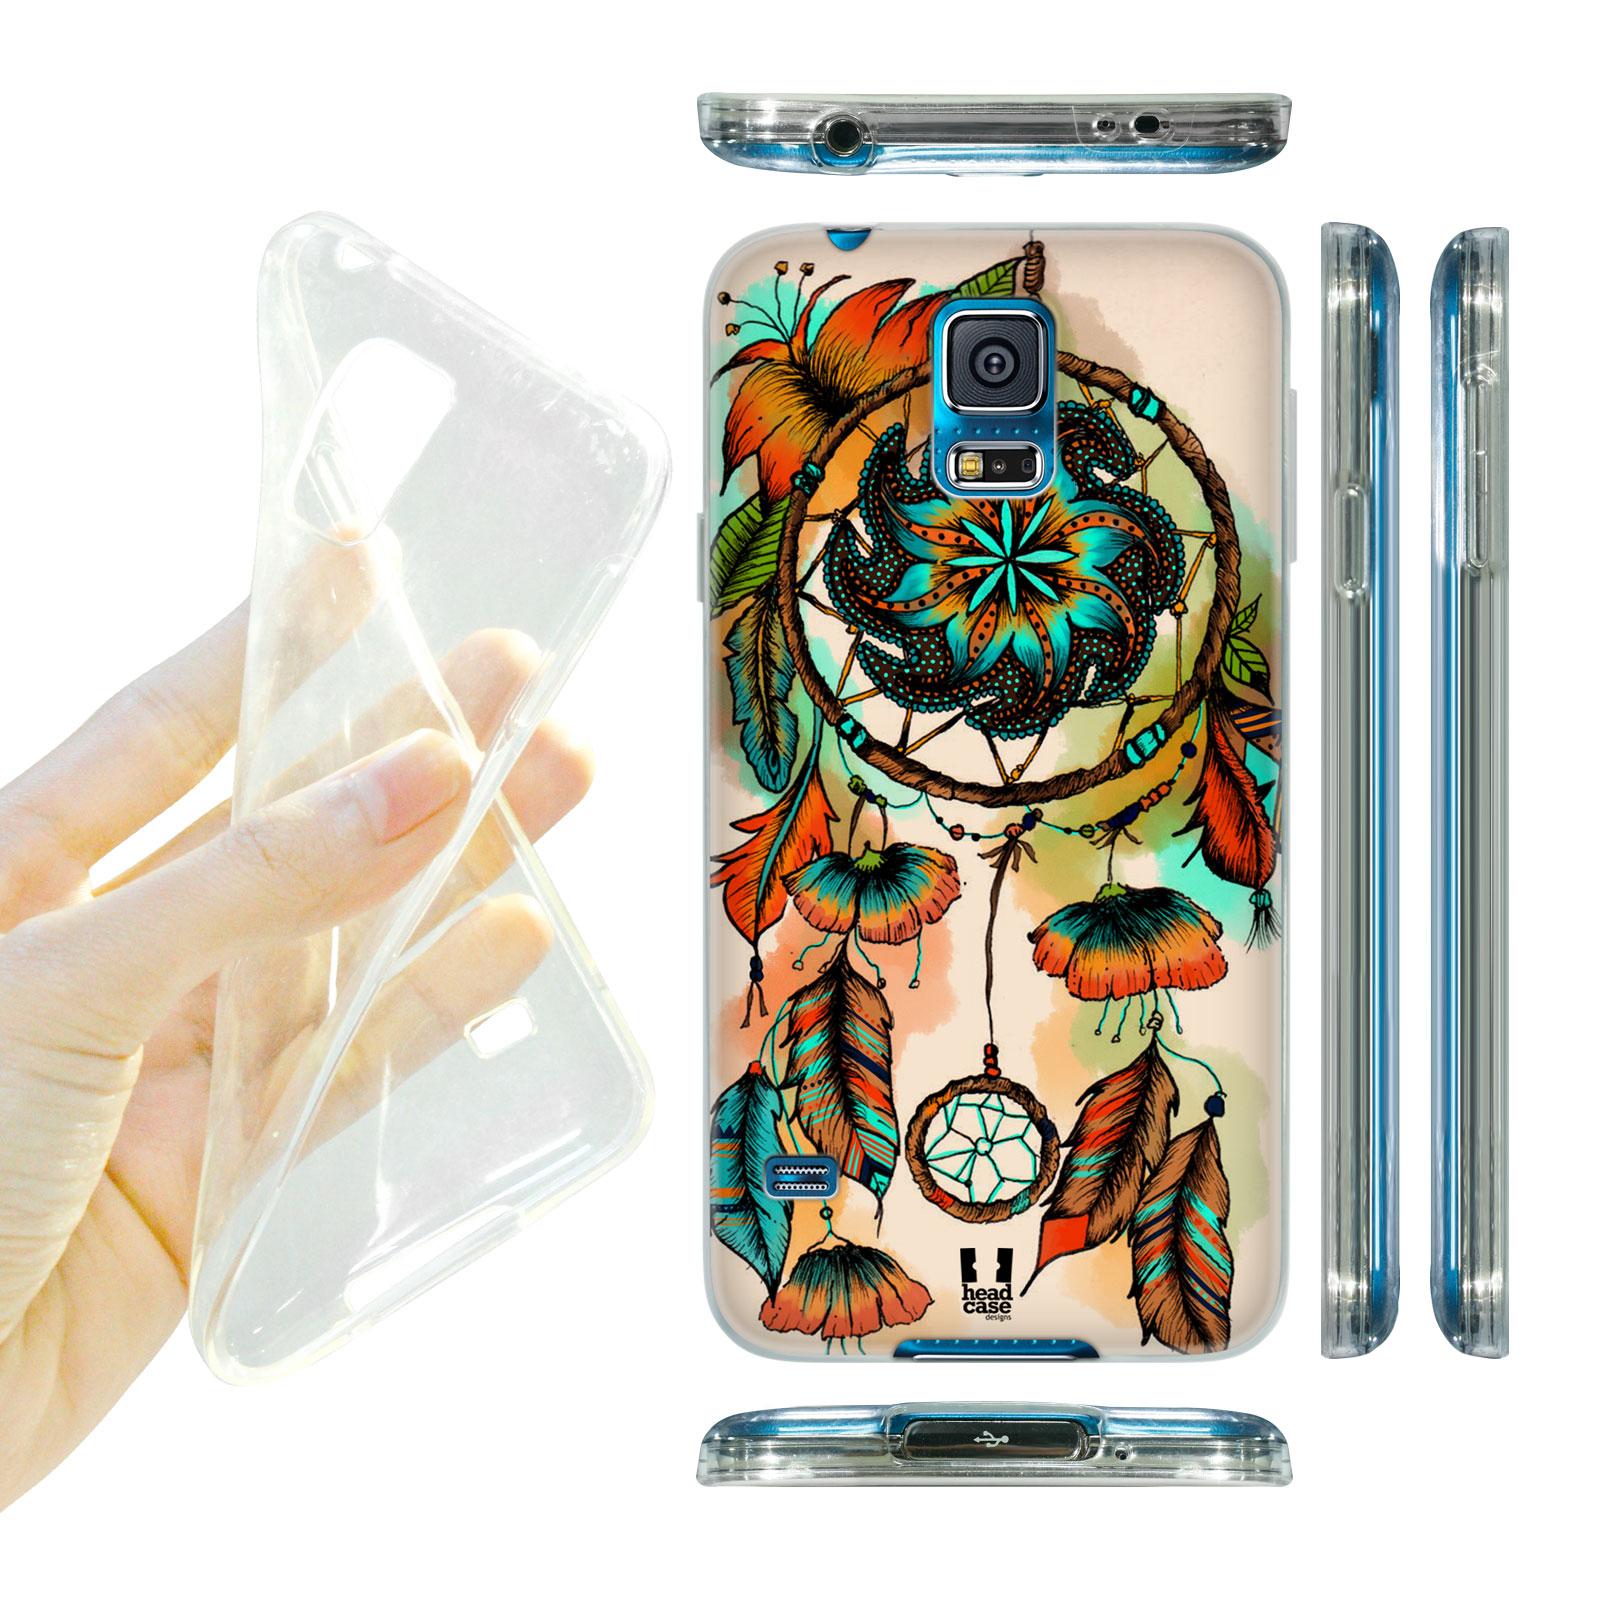 HEAD CASE silikonový obal na mobil Samsung galaxy S5 lapač snů květina oranžová